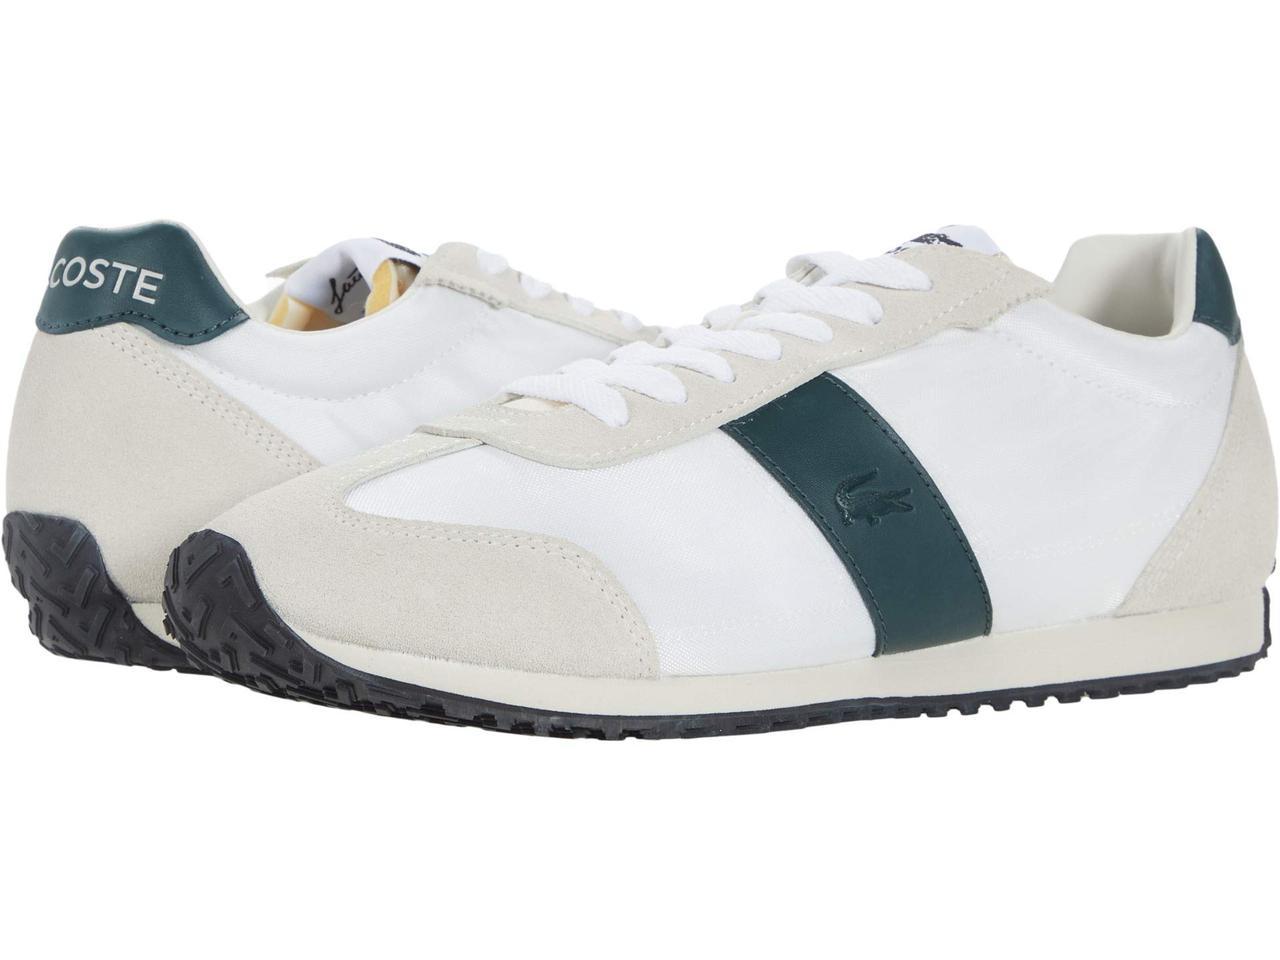 Кросівки/Кеди (Оригінал) Lacoste Court Pace 0721 1 Off-White/Dark Green